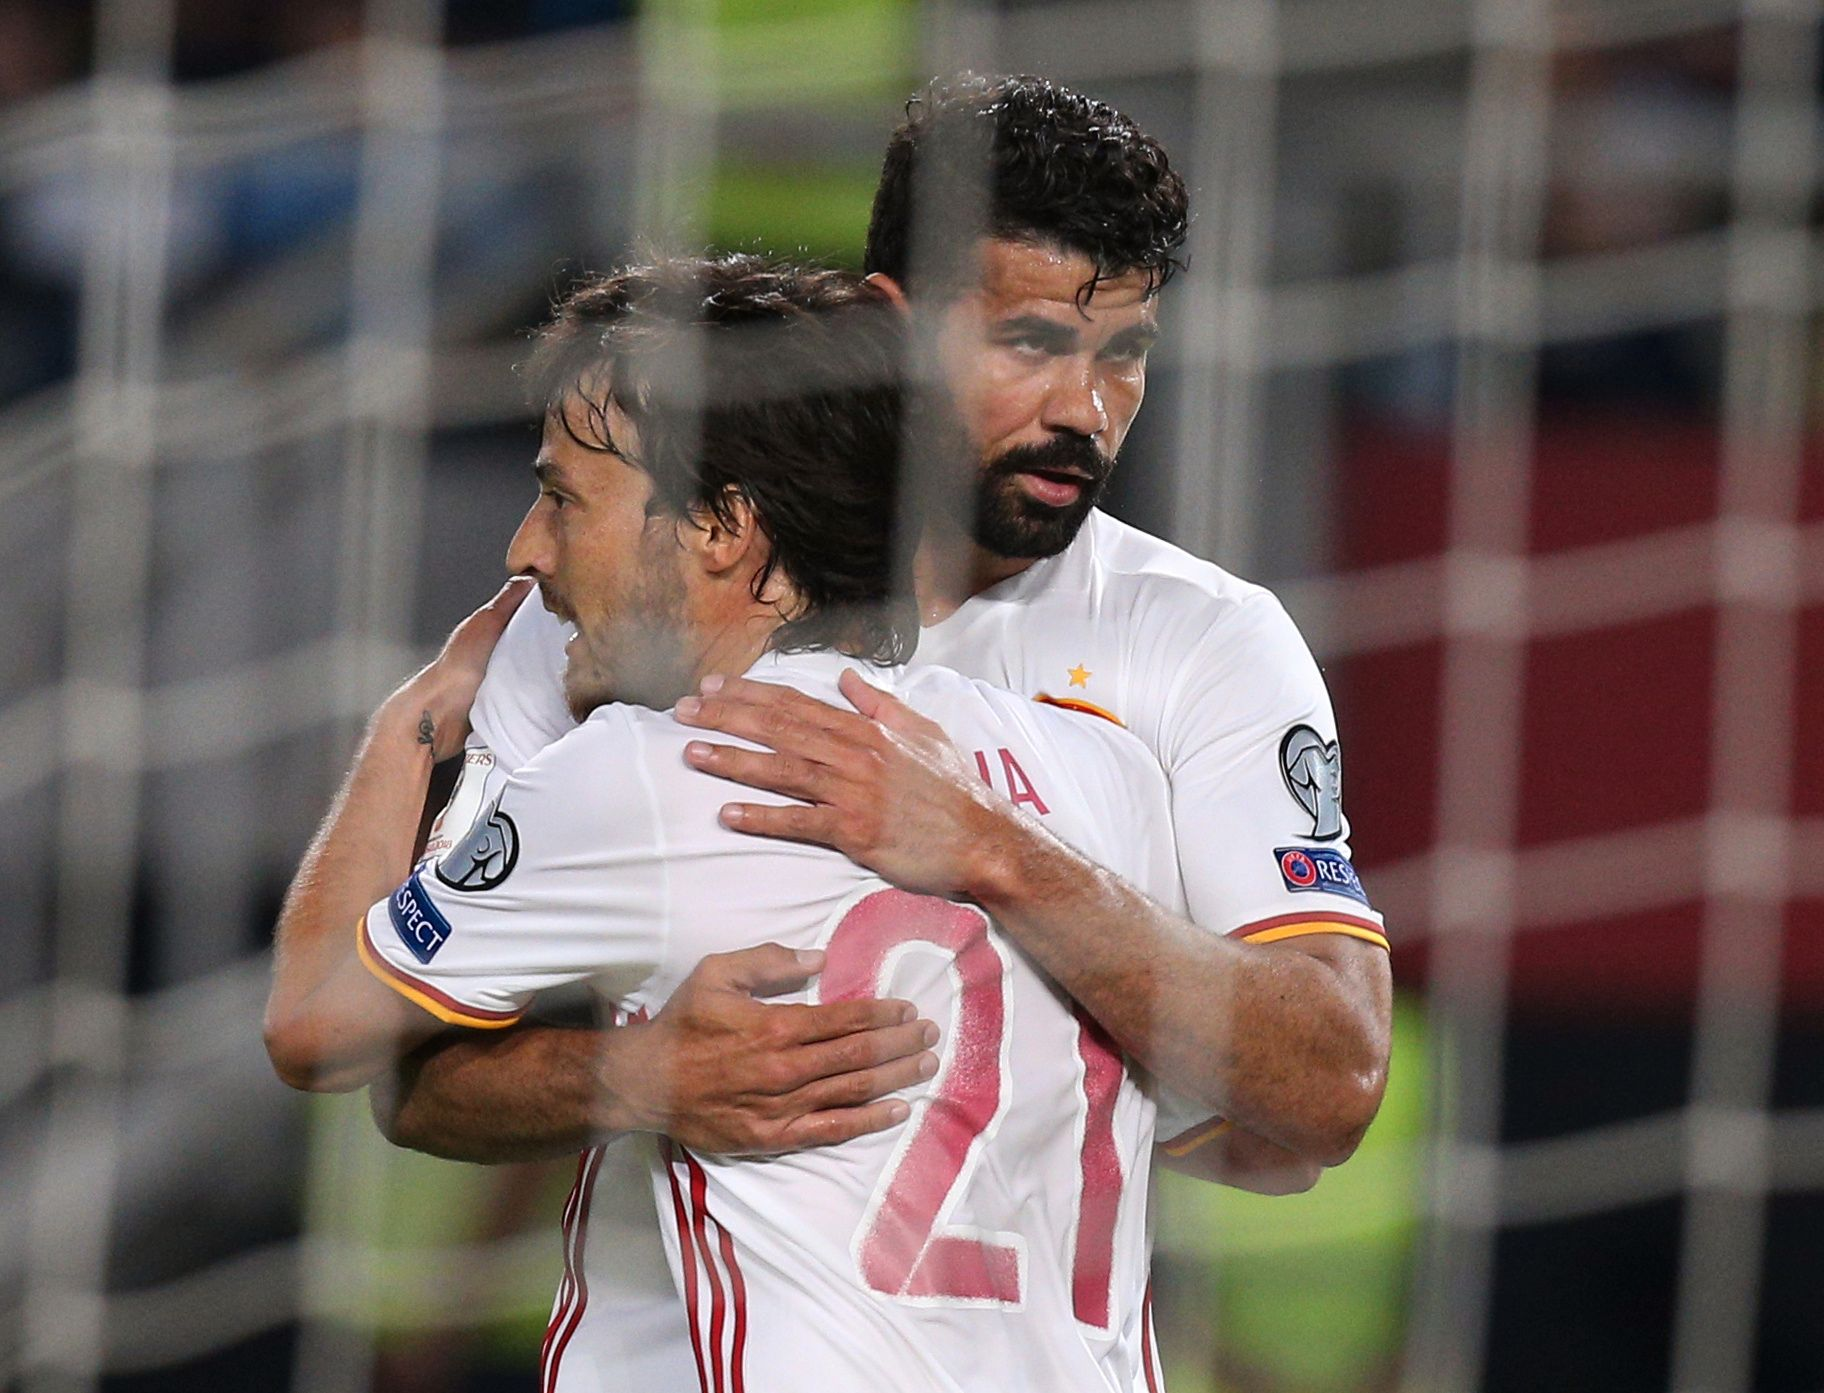 HVERT SITT: Diego Costa (til høyre) og David Silva var Spanias målscorere i Makedonia søndag kveld.